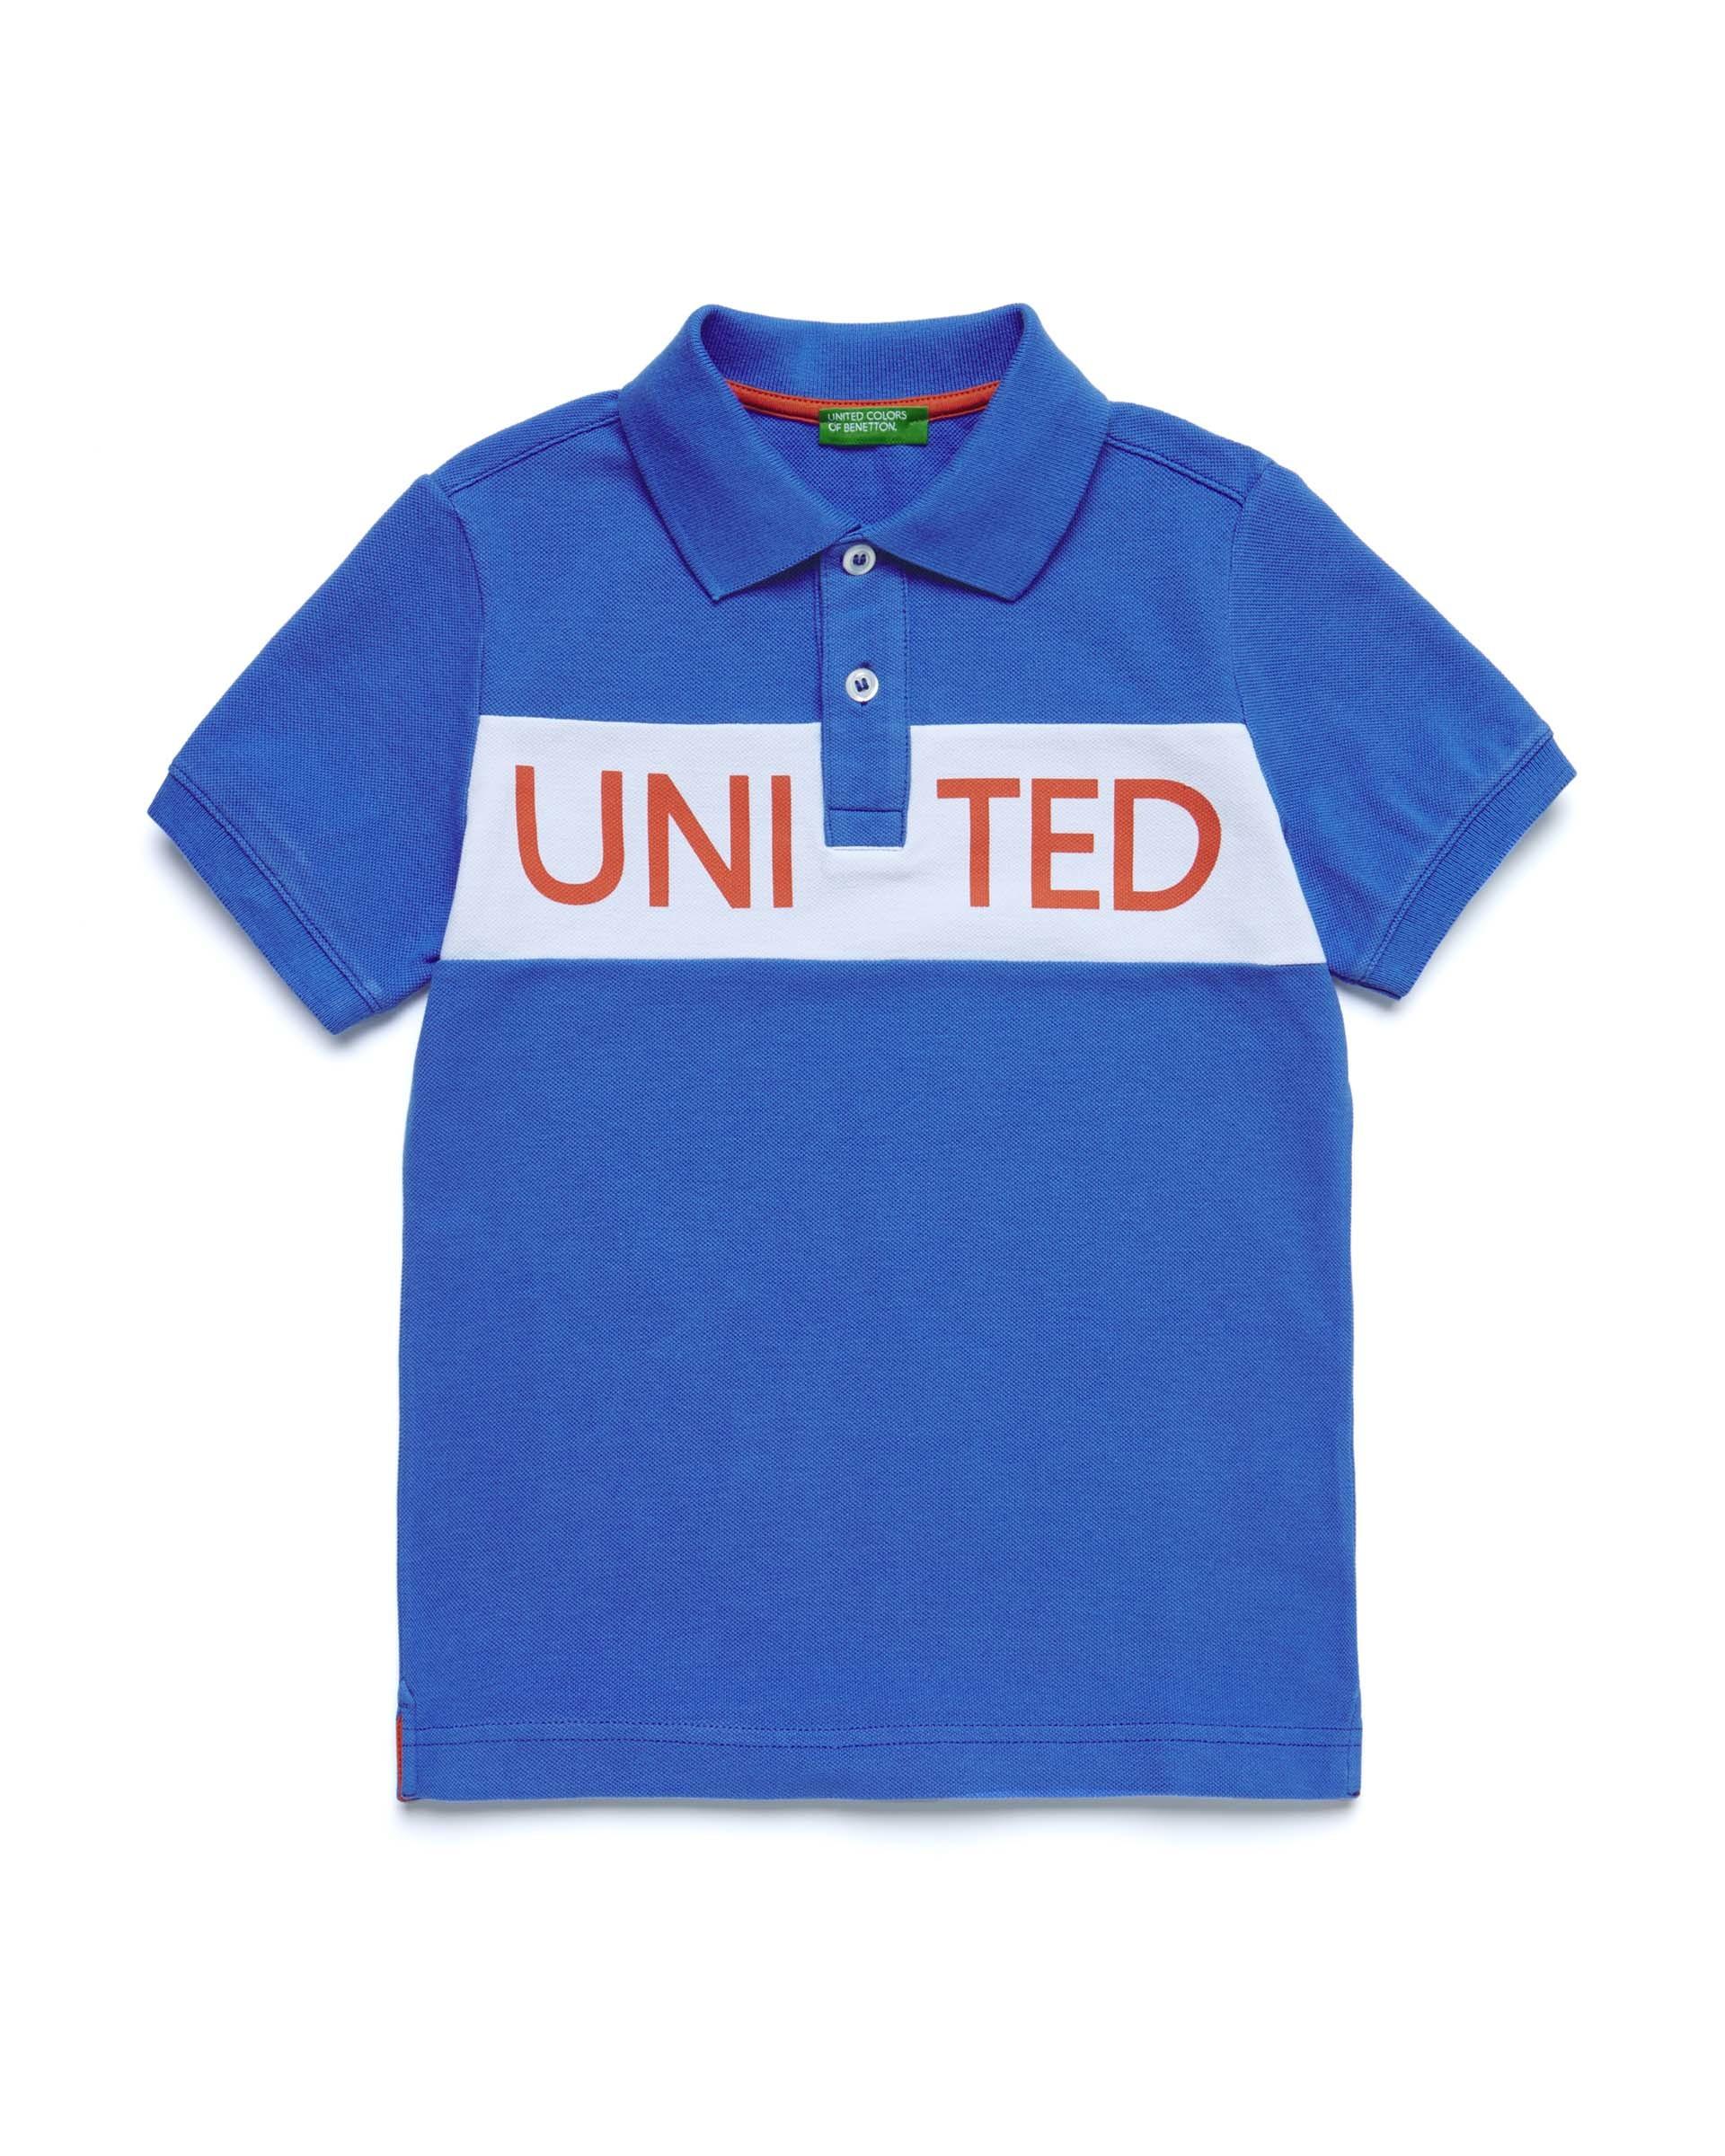 Купить 20P_3087C3132_08A, Поло для мальчиков Benetton 3087C3132_08A р-р 152, United Colors of Benetton, Футболки для мальчиков